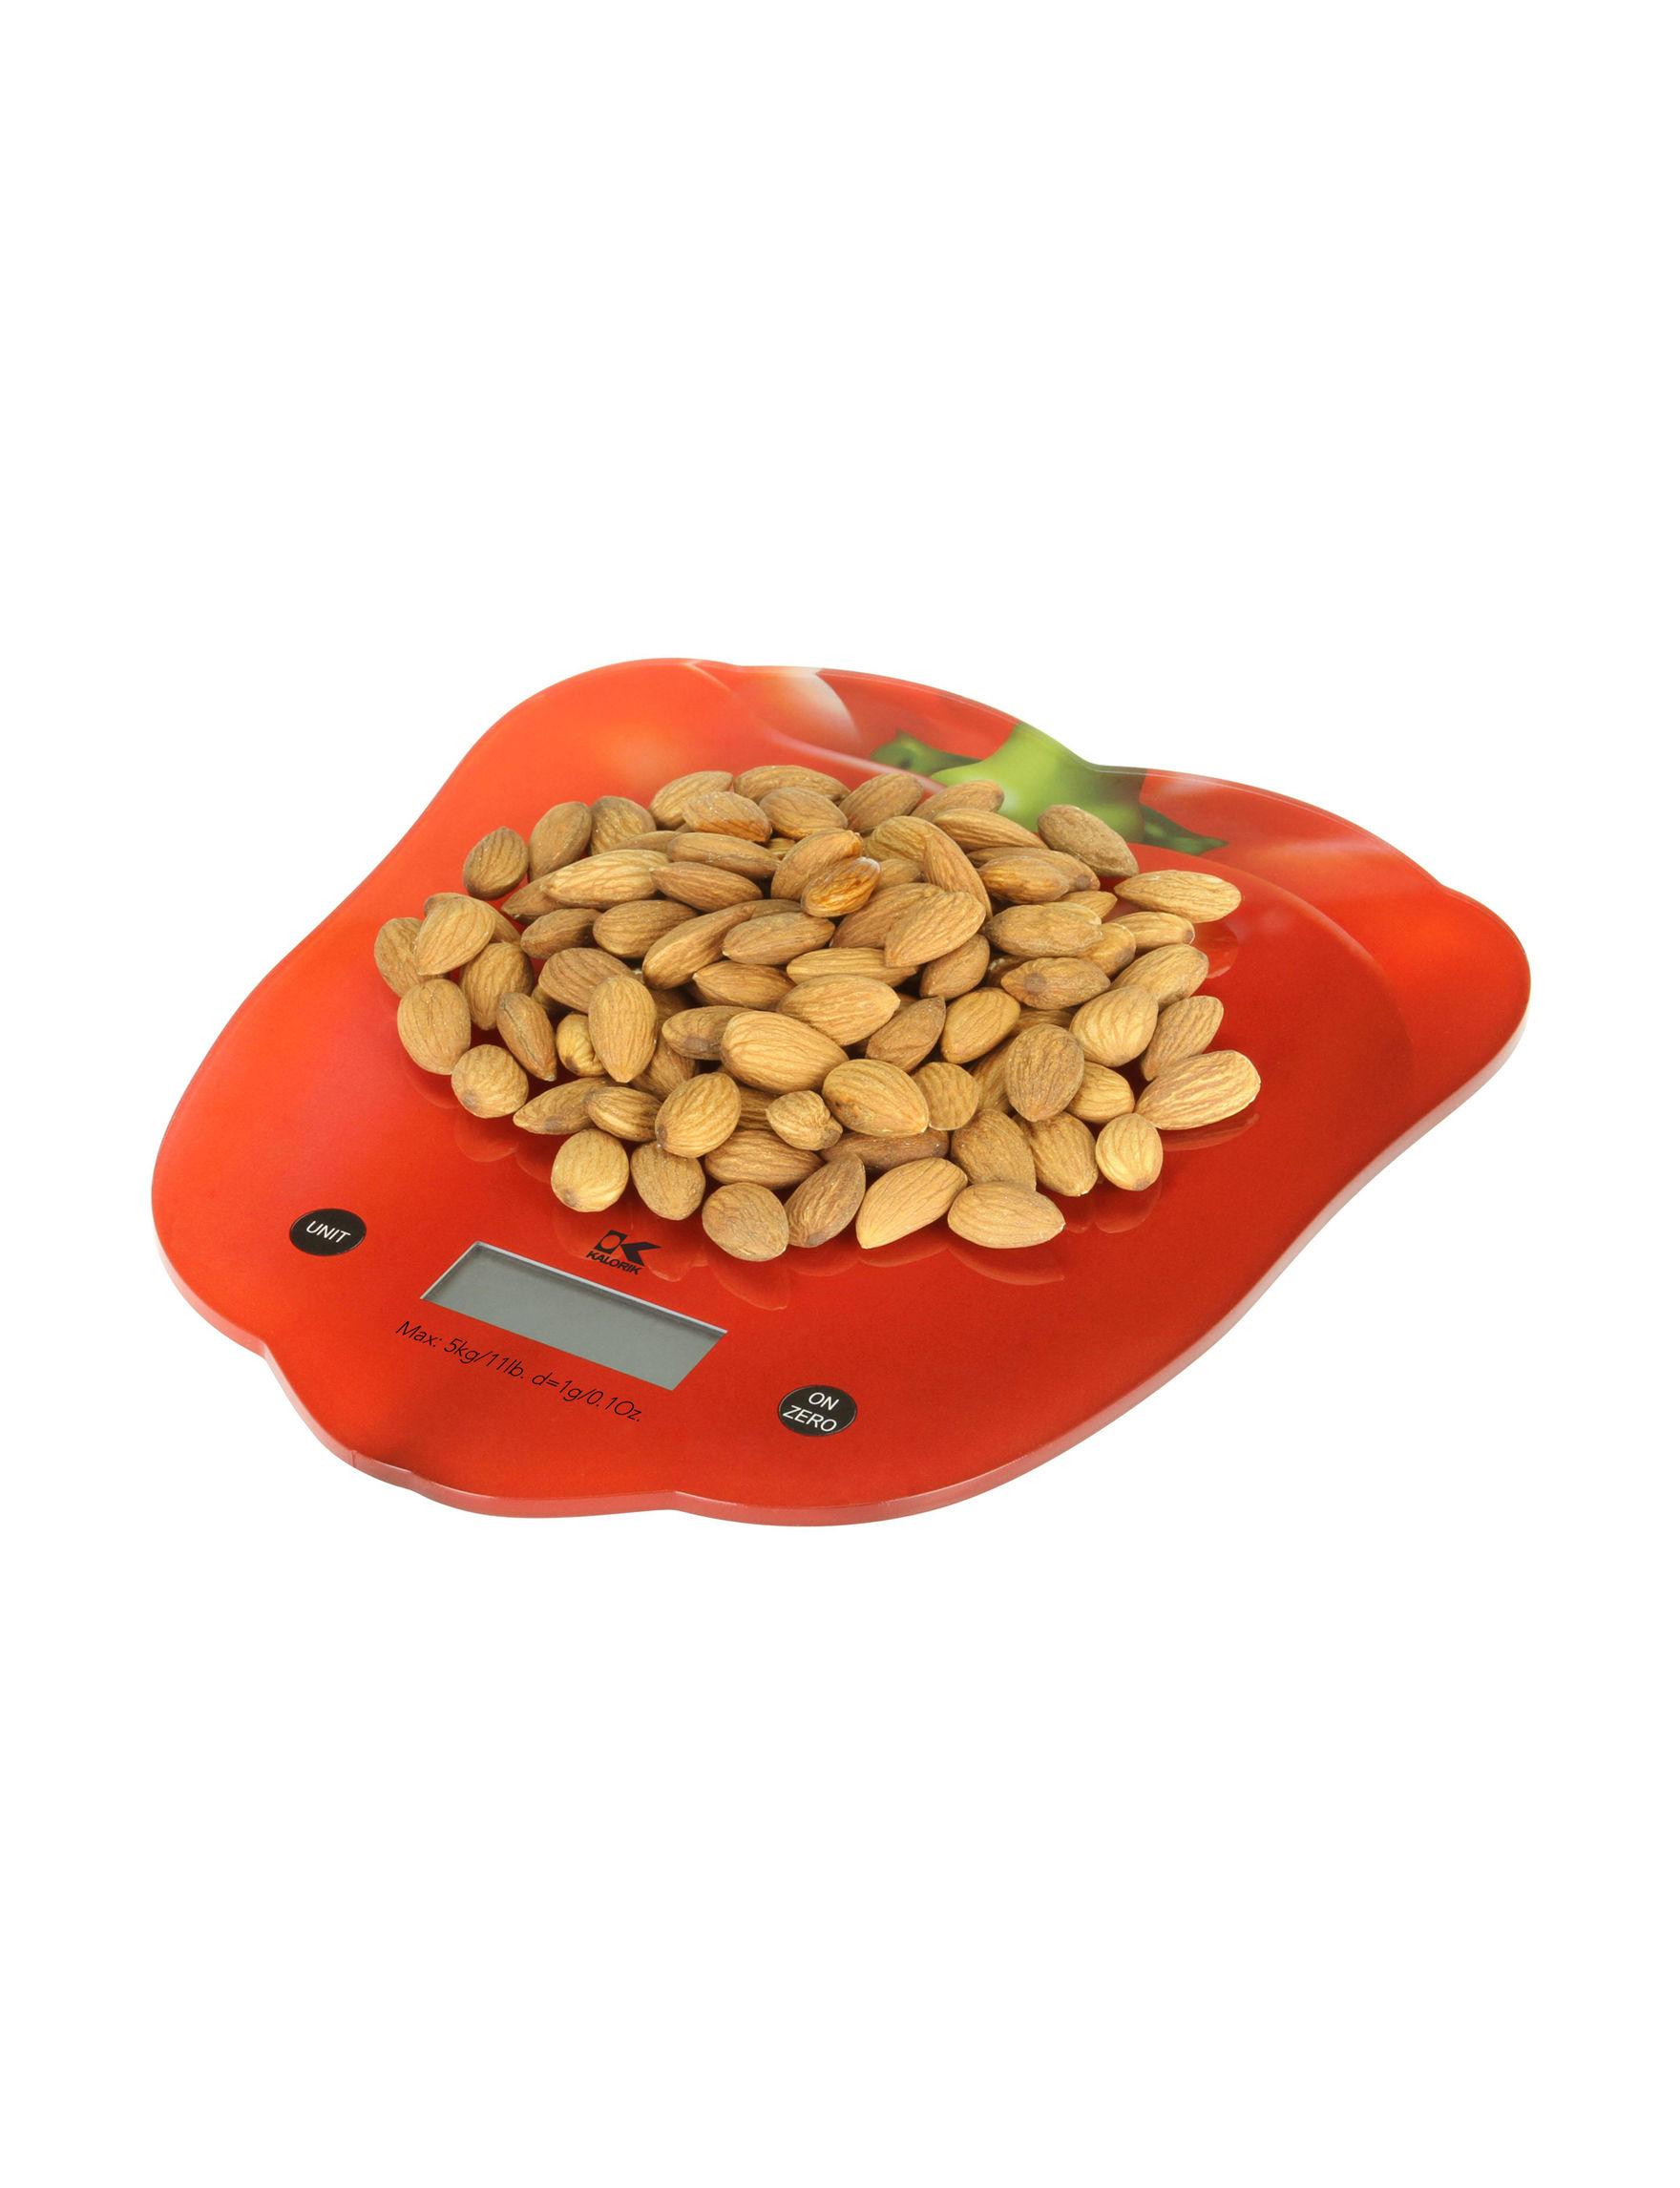 Kalorik Red Kitchen Appliances Prep & Tools